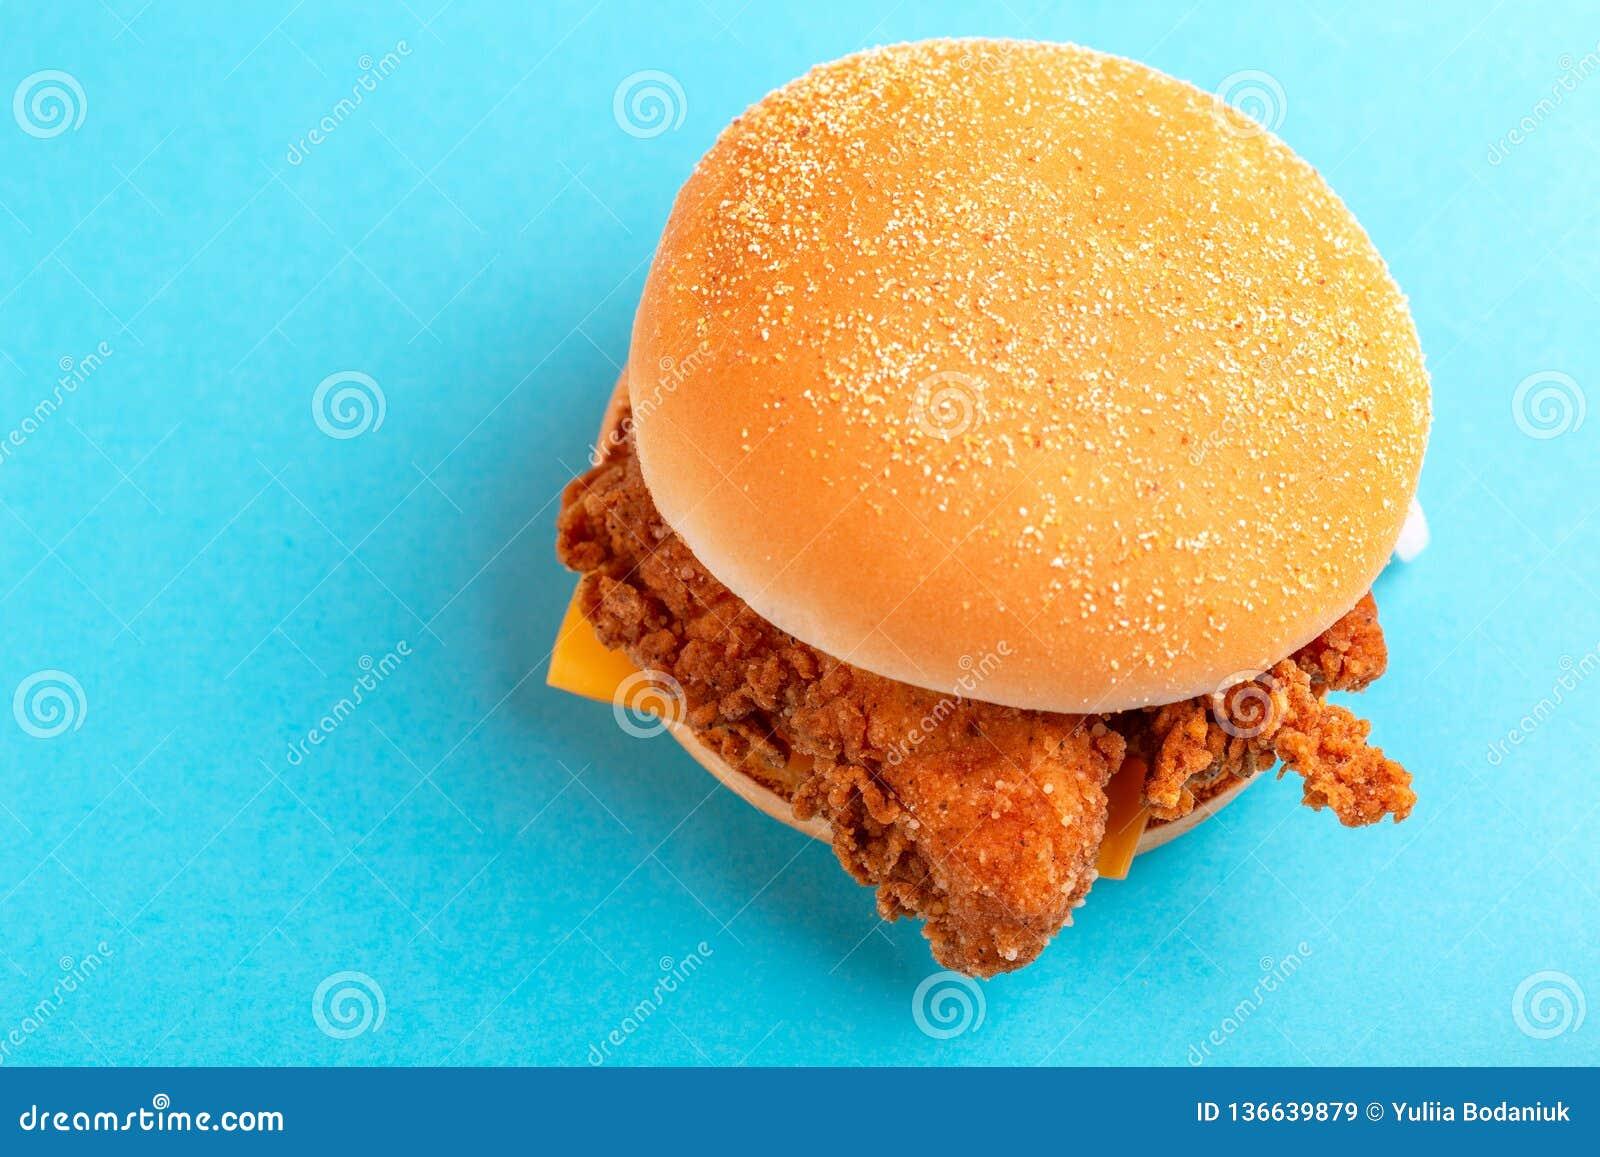 Delicious Hamburger Or Burger With Ketchup And Mustard Stock